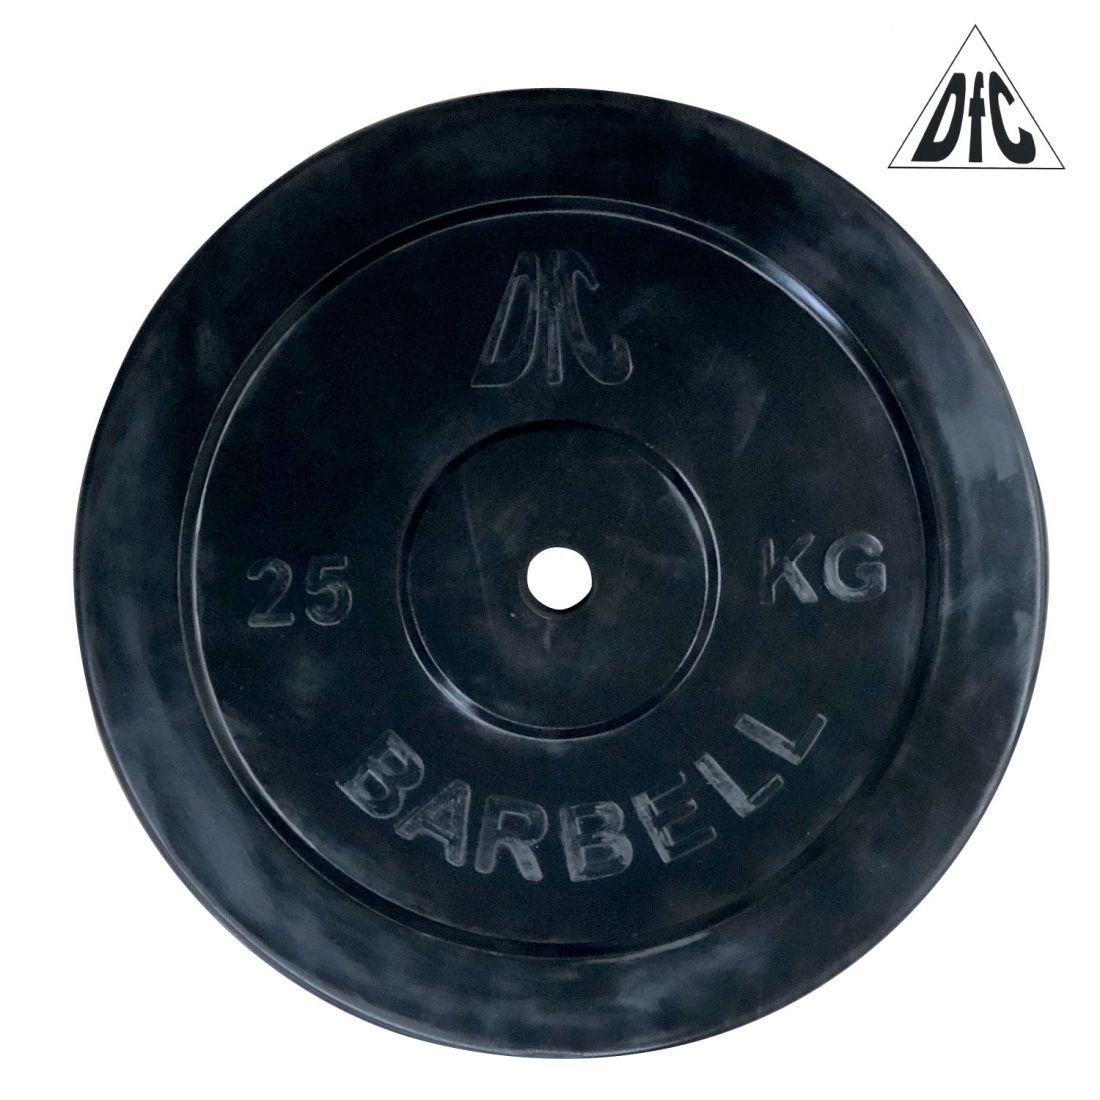 Диск обрезиненный DFC, чёрный, 26 мм, 25кг